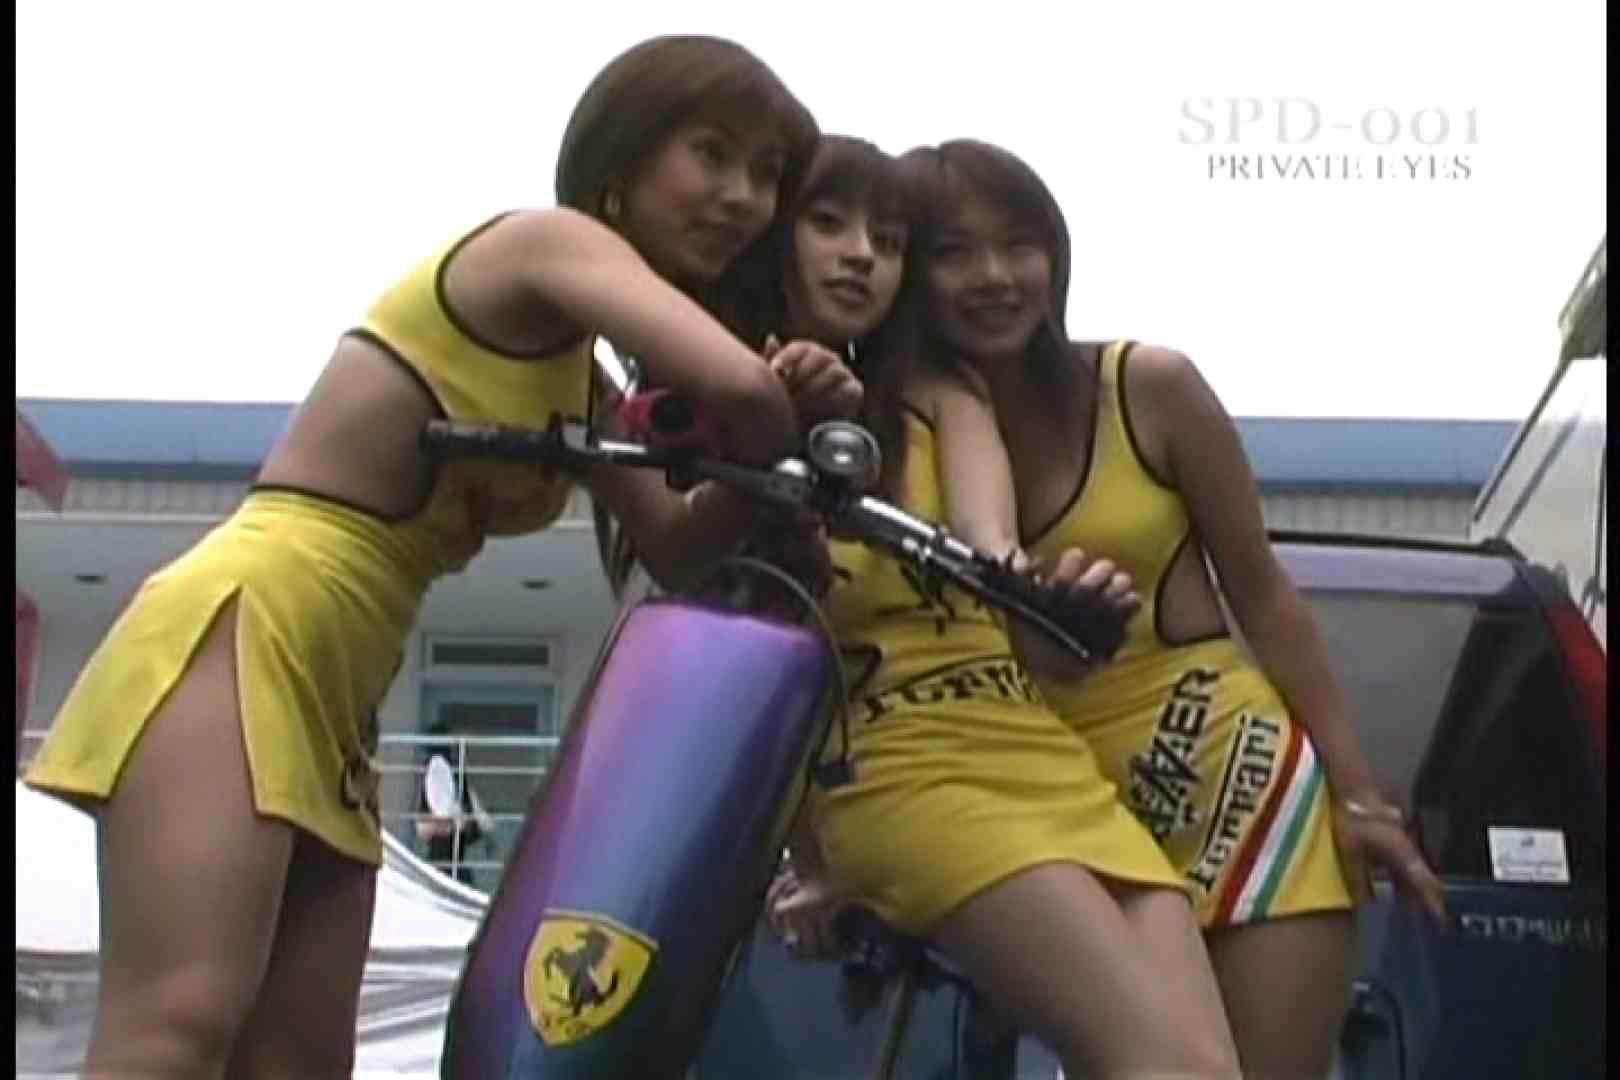 高画質版!SPD-001 サーキットの女神達 Vol.00 名作映像  109PIX 99